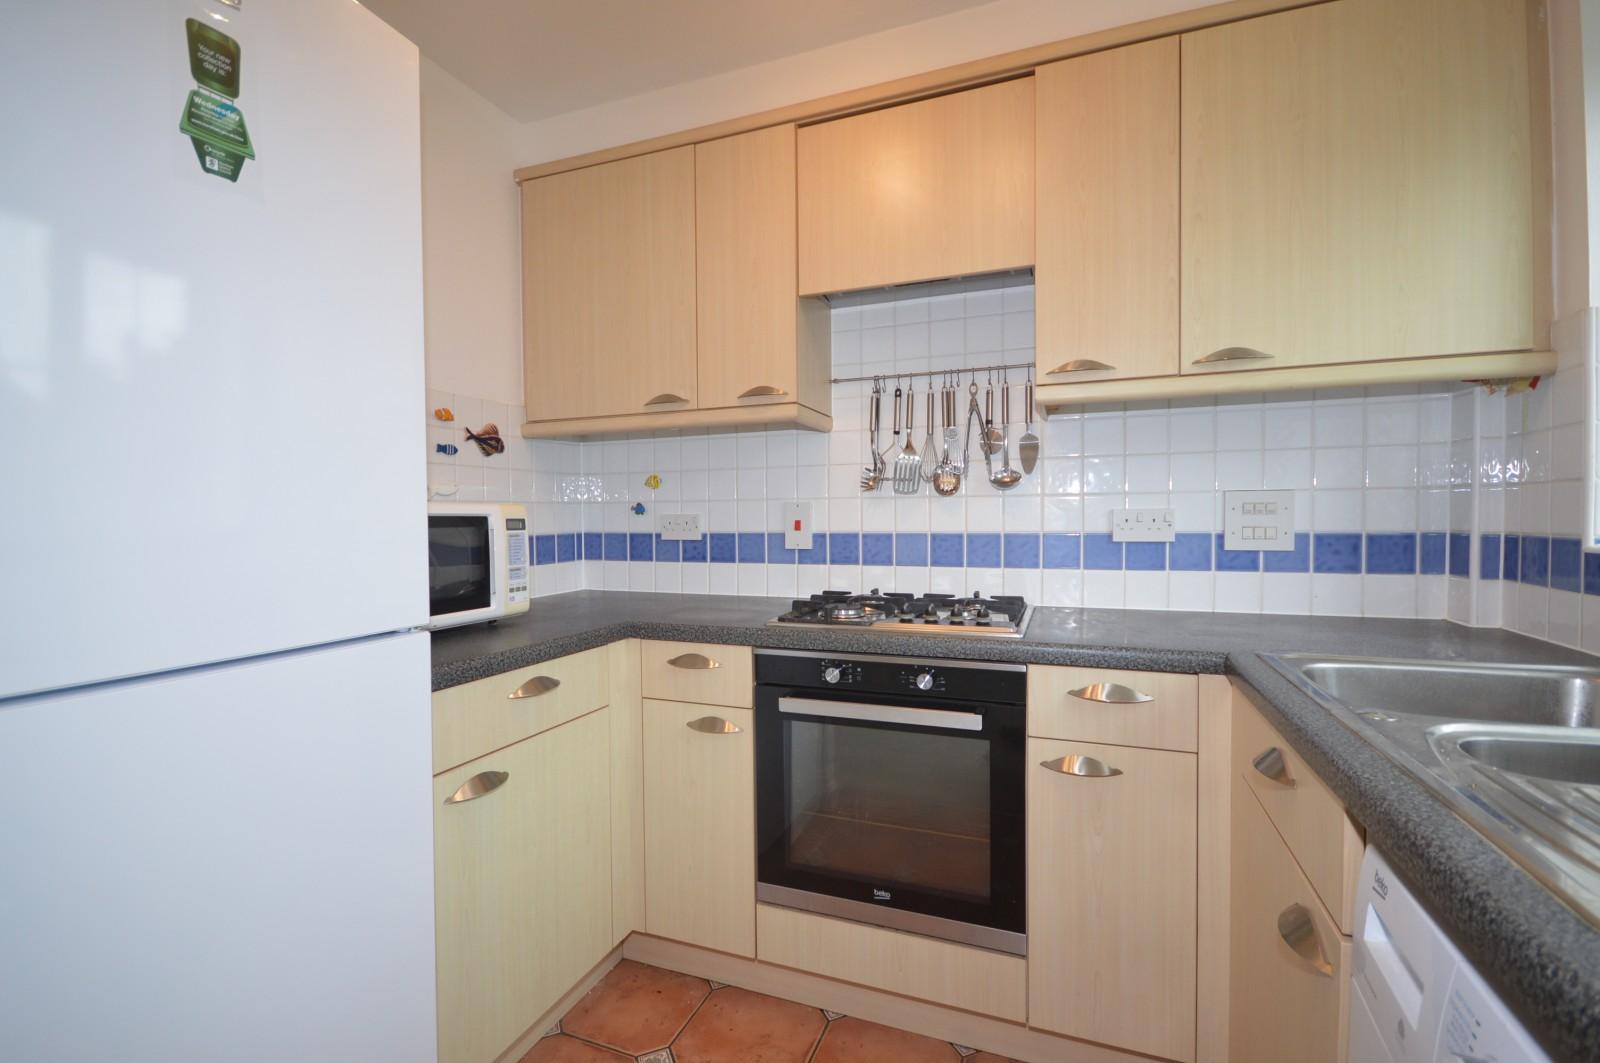 Kitchen - House in Billingshurst